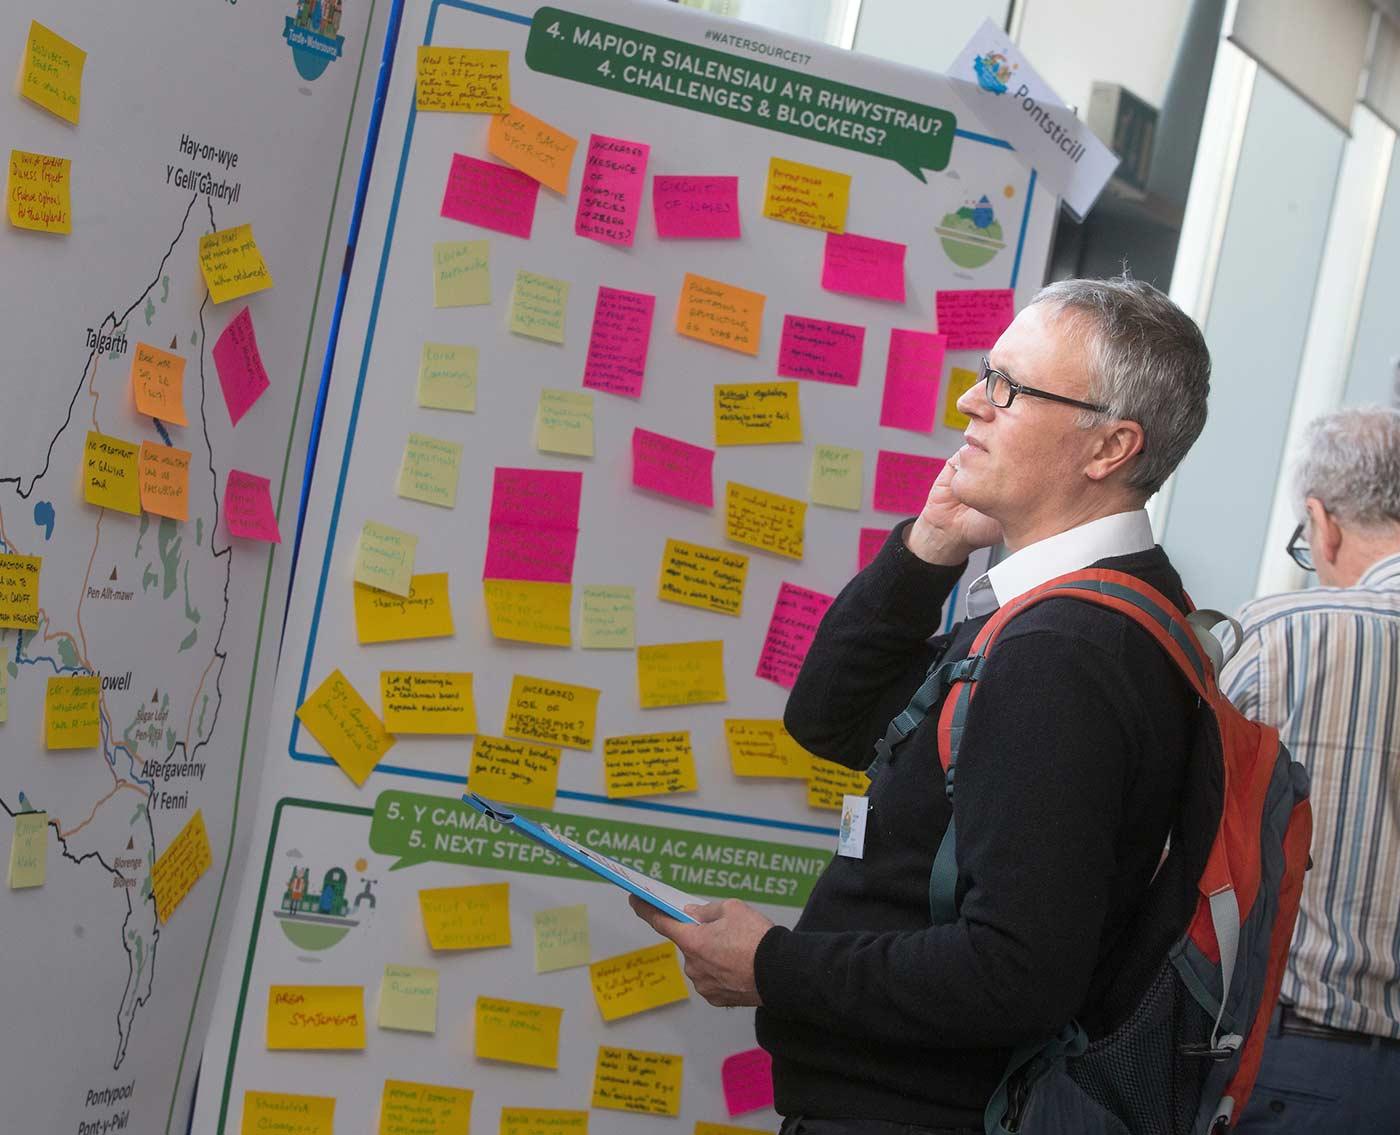 dwr cymru conference 7